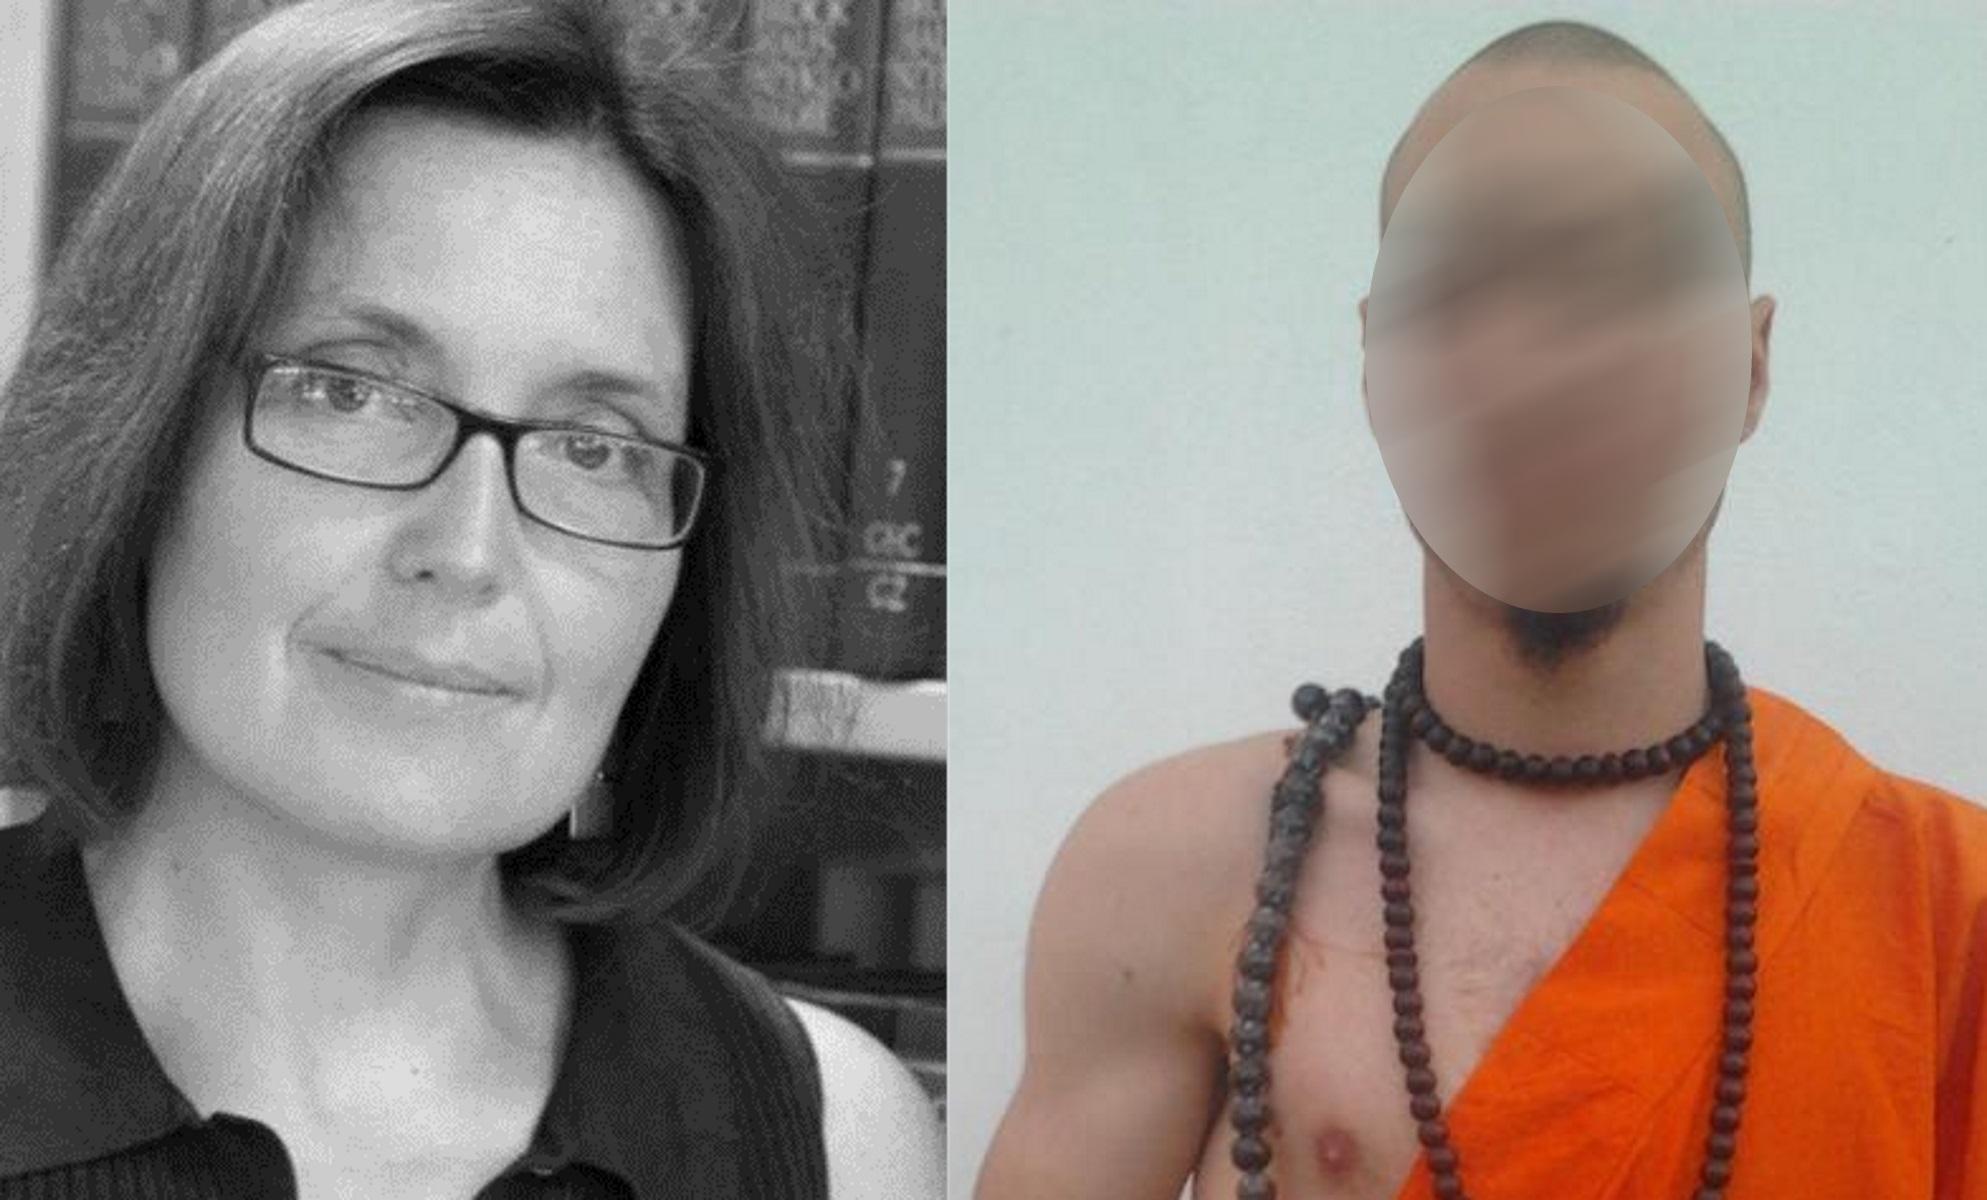 Δολοφονία Suzanne Eaton: Ξεσπάει η οικογένειά της για τις φήμες ότι ο κατηγορούμενος ανακαλεί την ομολογία του